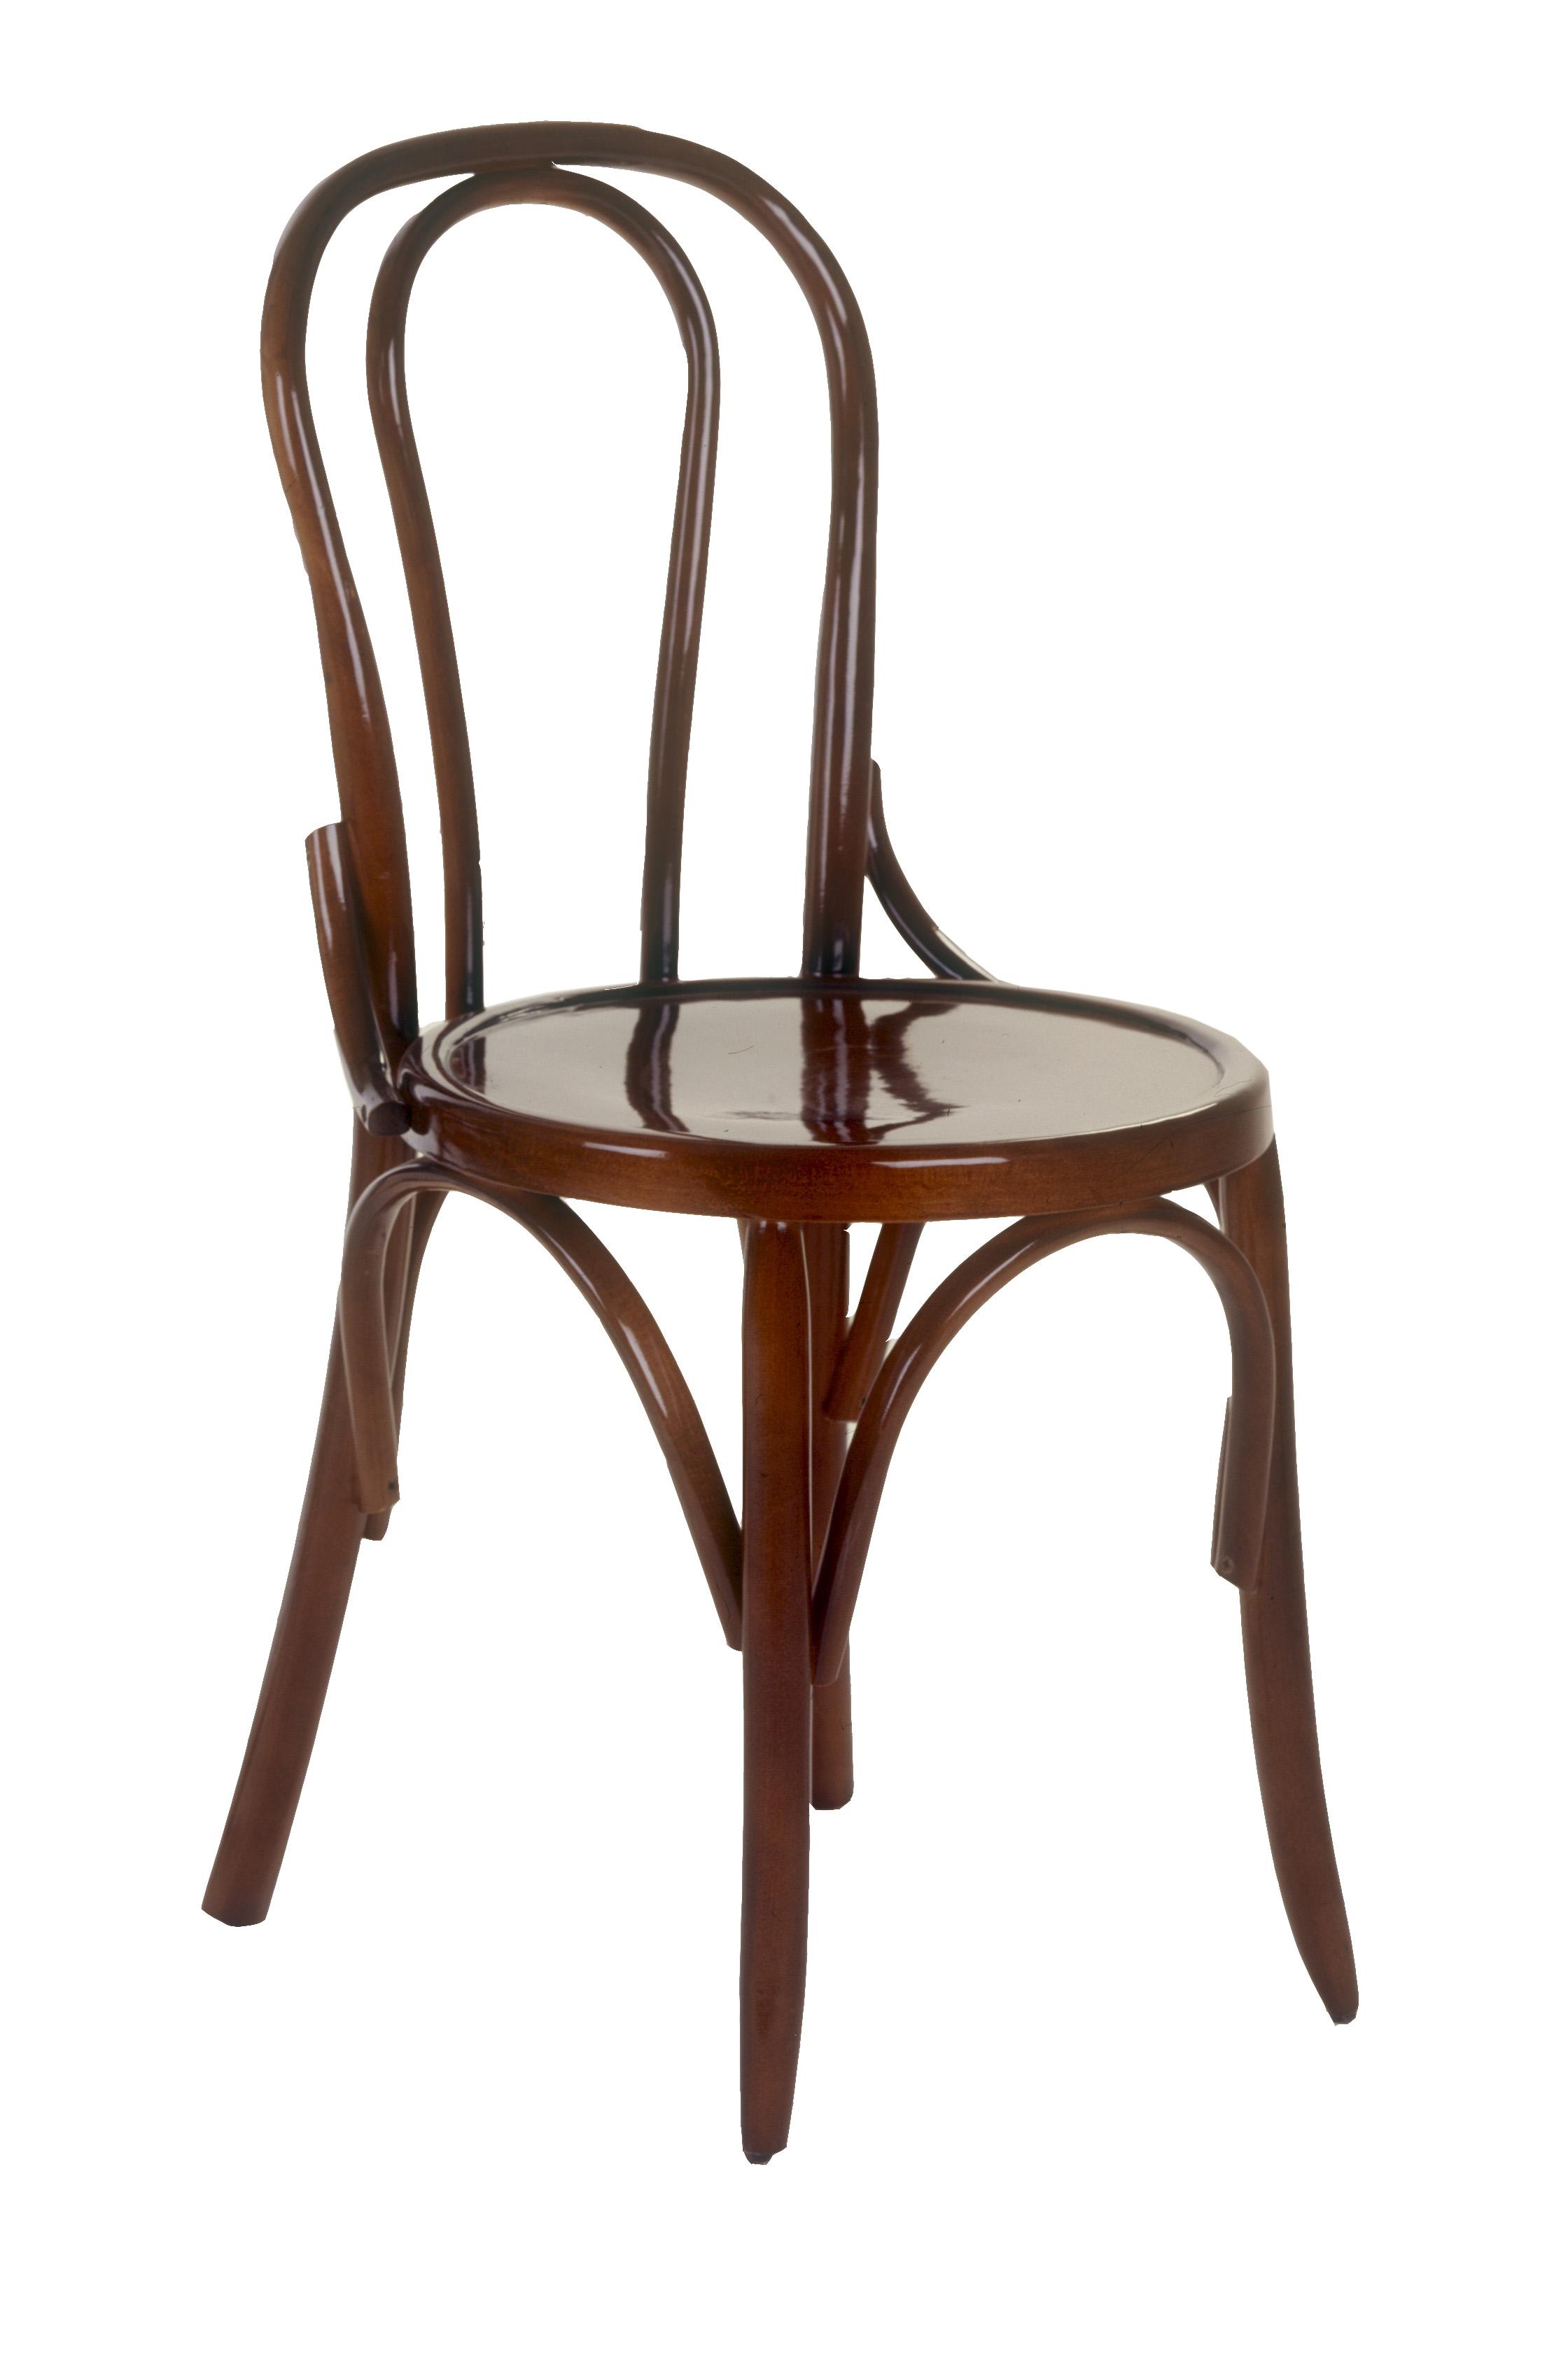 Silla tipo thonet madera curaada mesas y sillas de estilo vintage retro industrial hosteleria - Sillas hosteleria barcelona ...